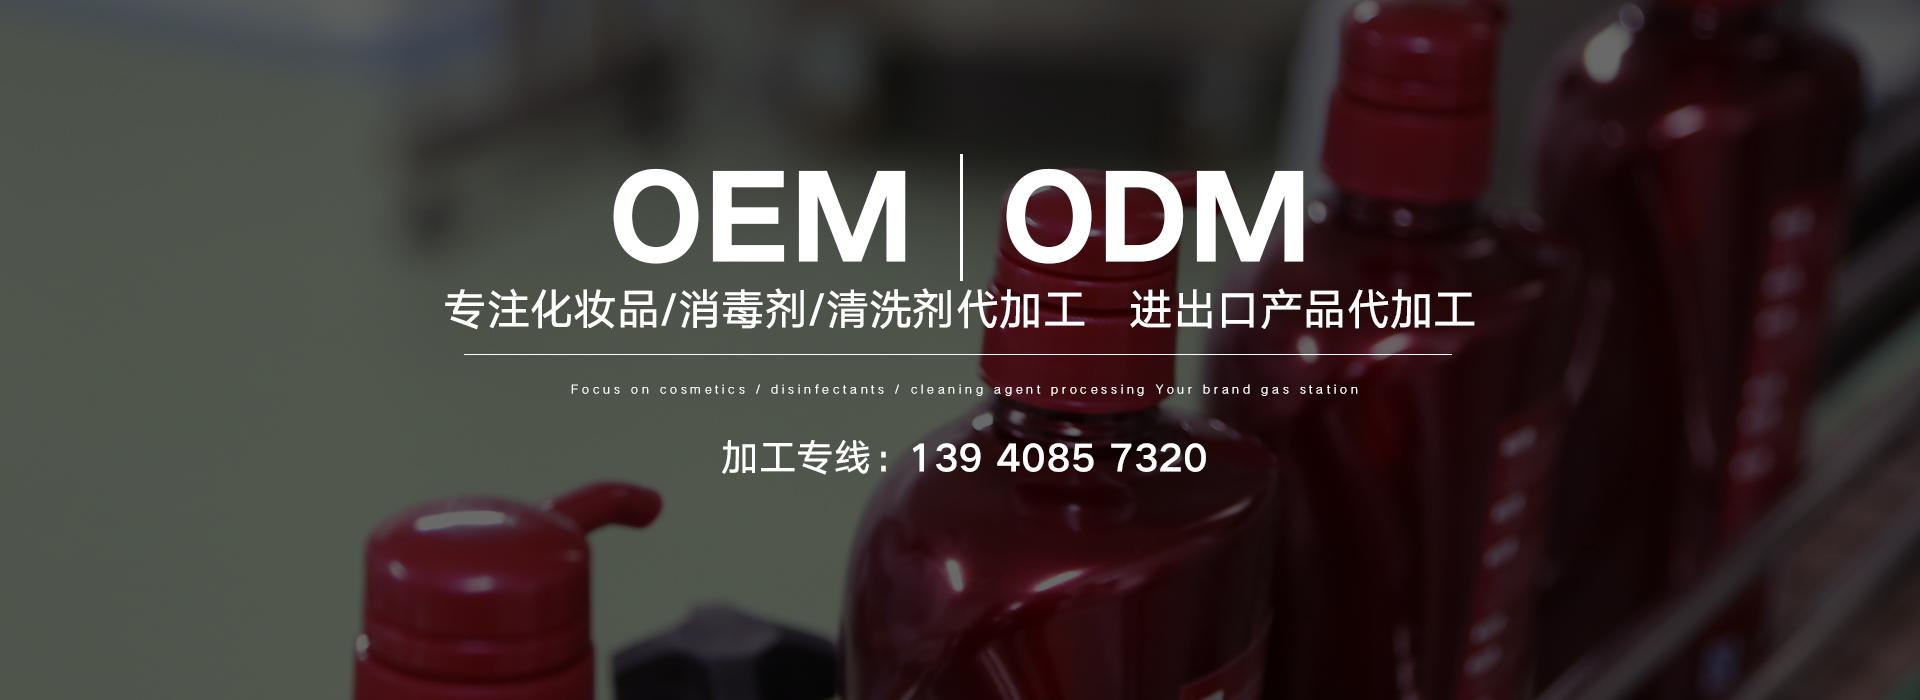 beplay体育官方网OEM